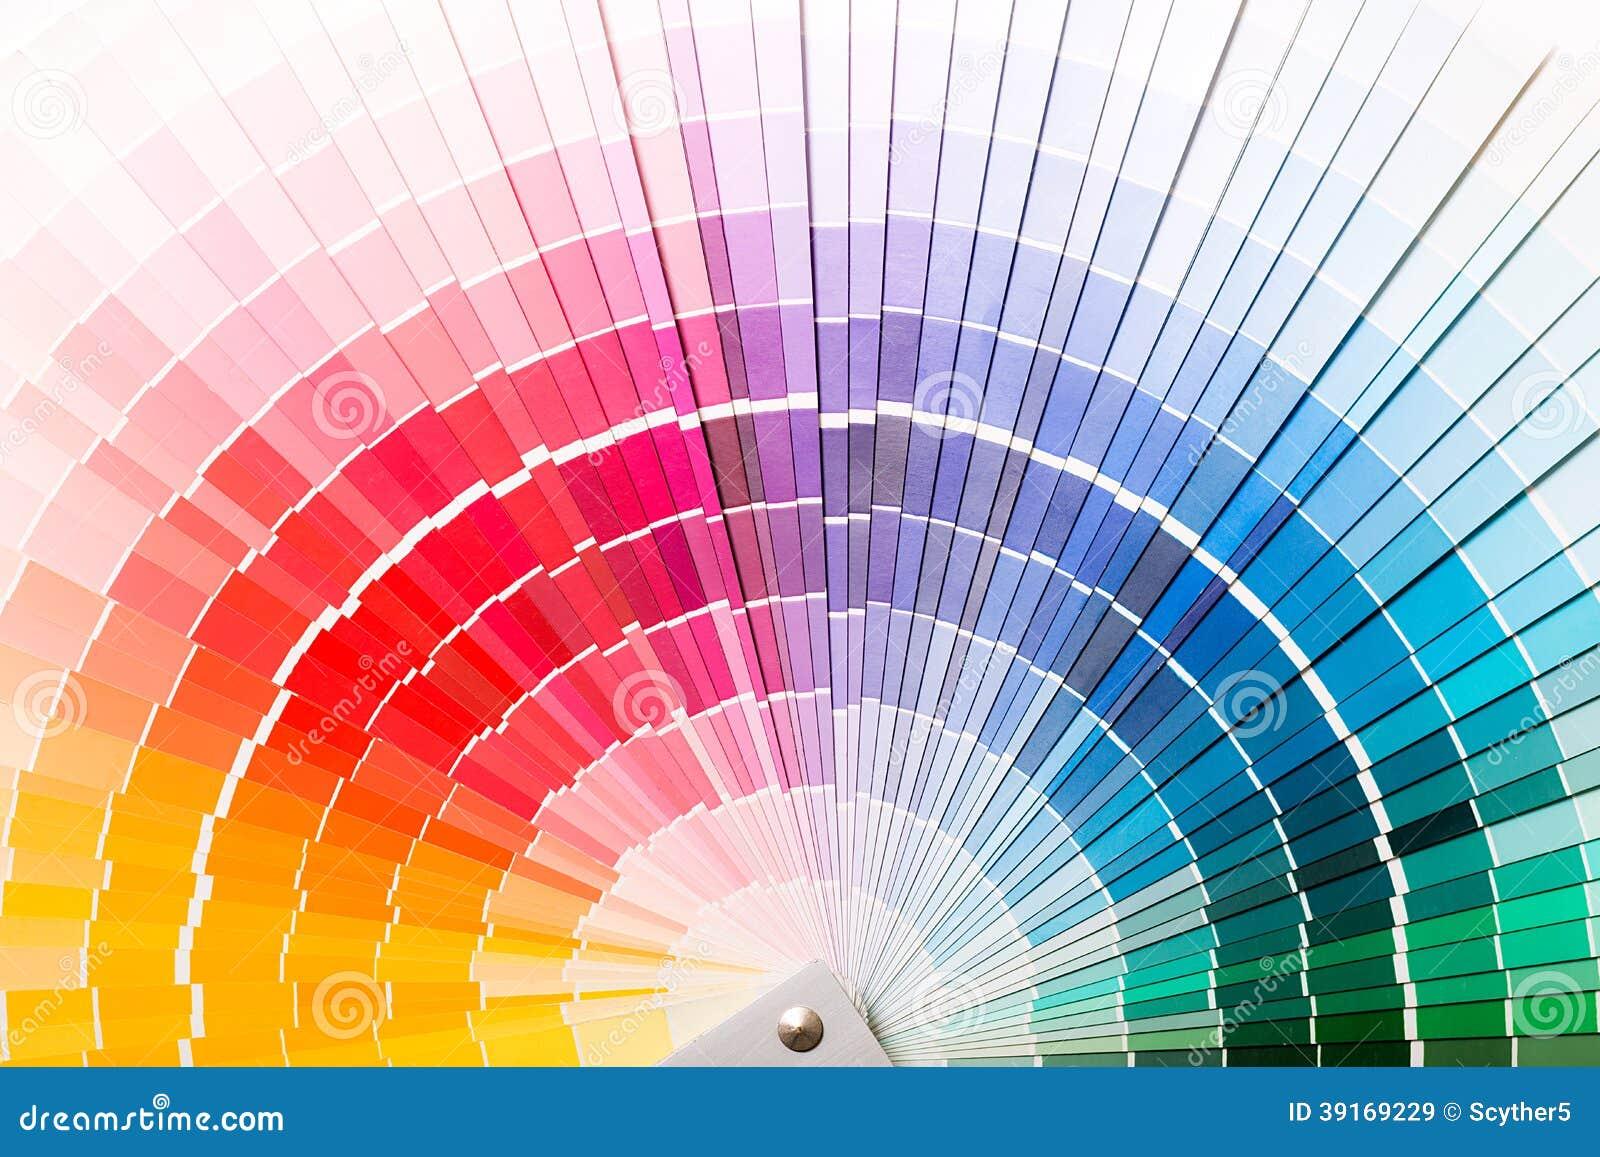 Abra el catálogo de los colores de la muestra de Pantone.